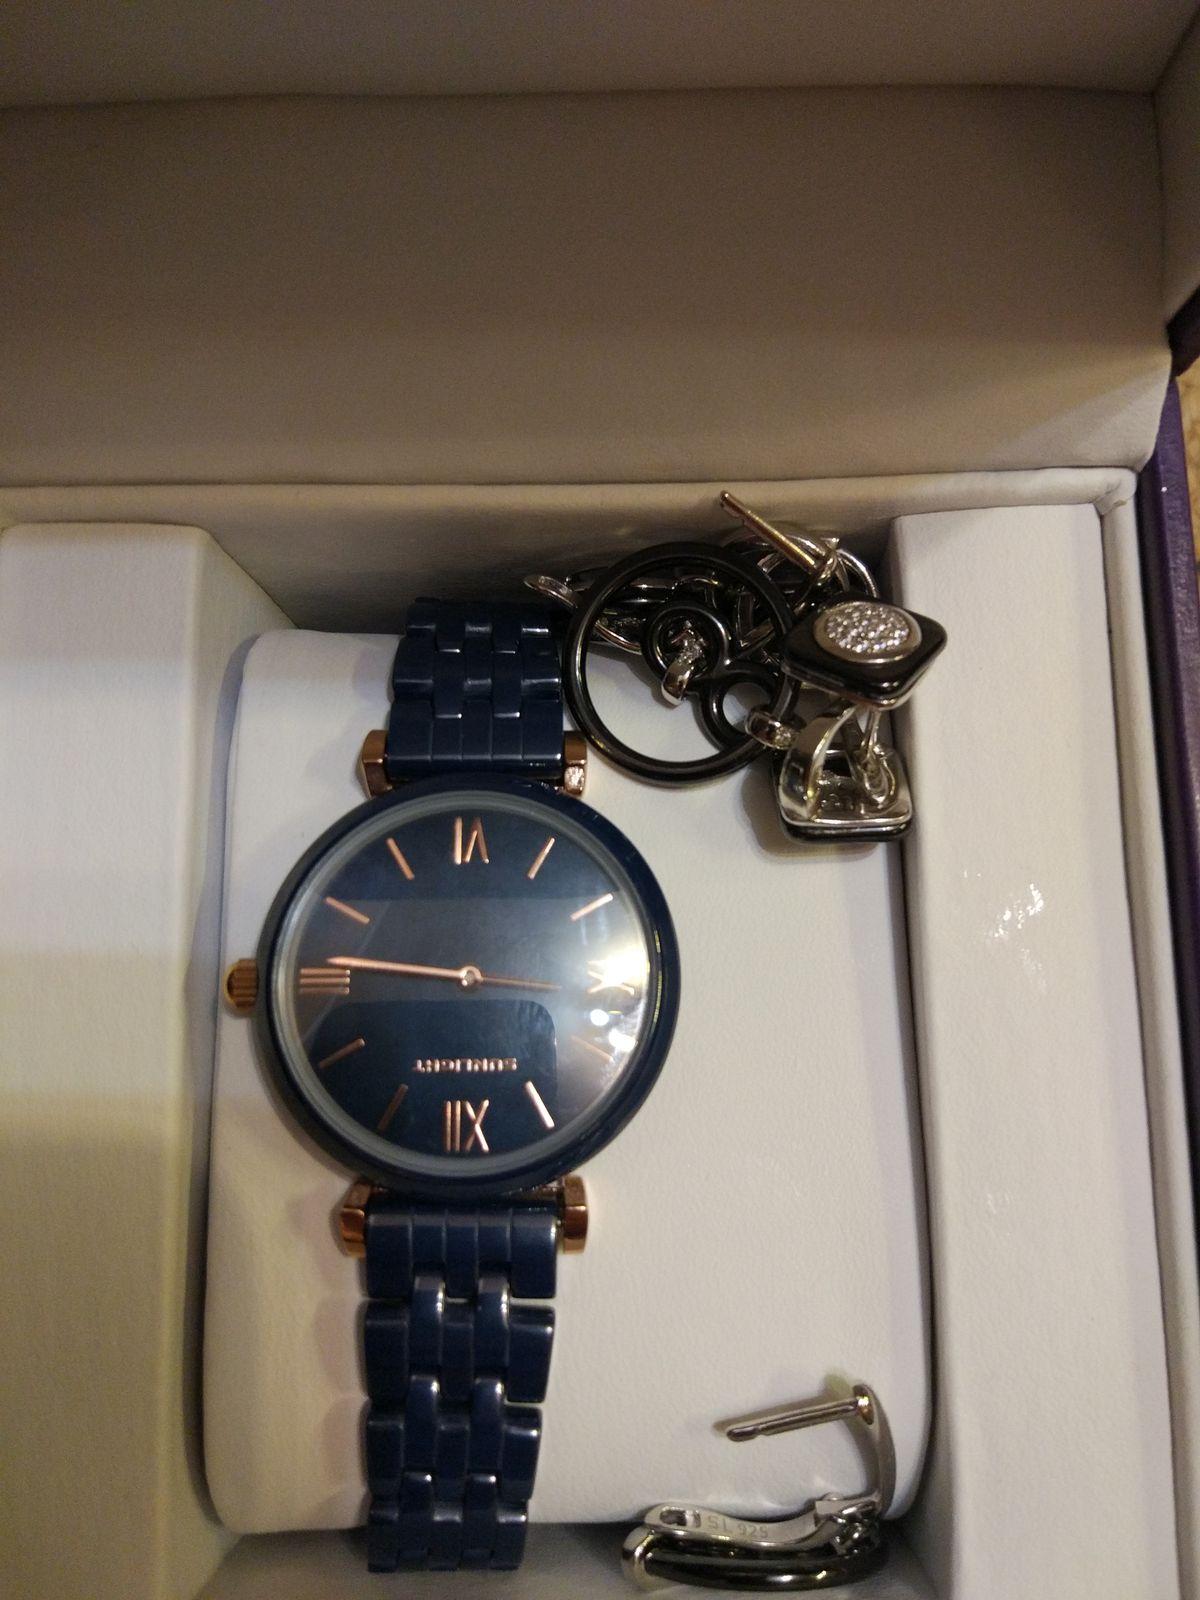 Очень красивые часы. Продавцы помогают определиться с выбором, очень вежли